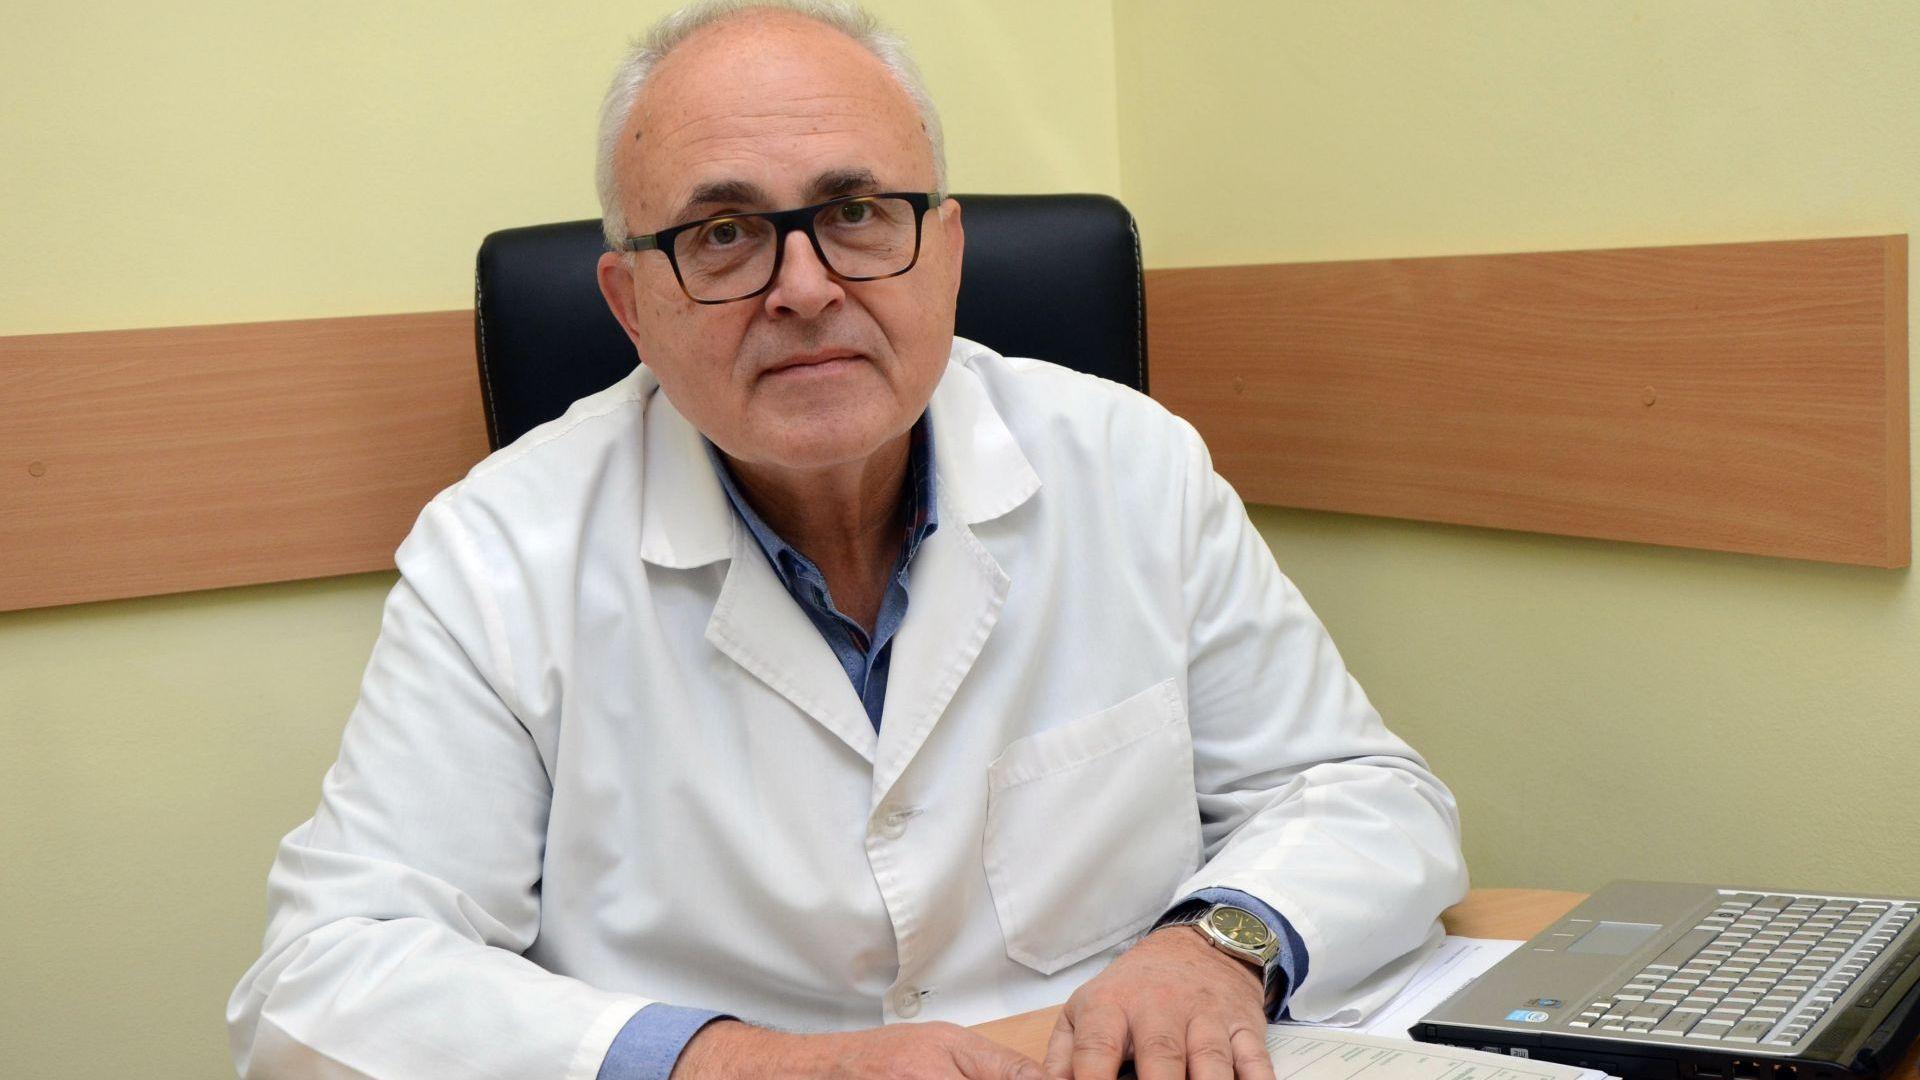 Д-р Динчо Георгиев: Раждането със секцио крие риск от почти непознат и опасен дефект